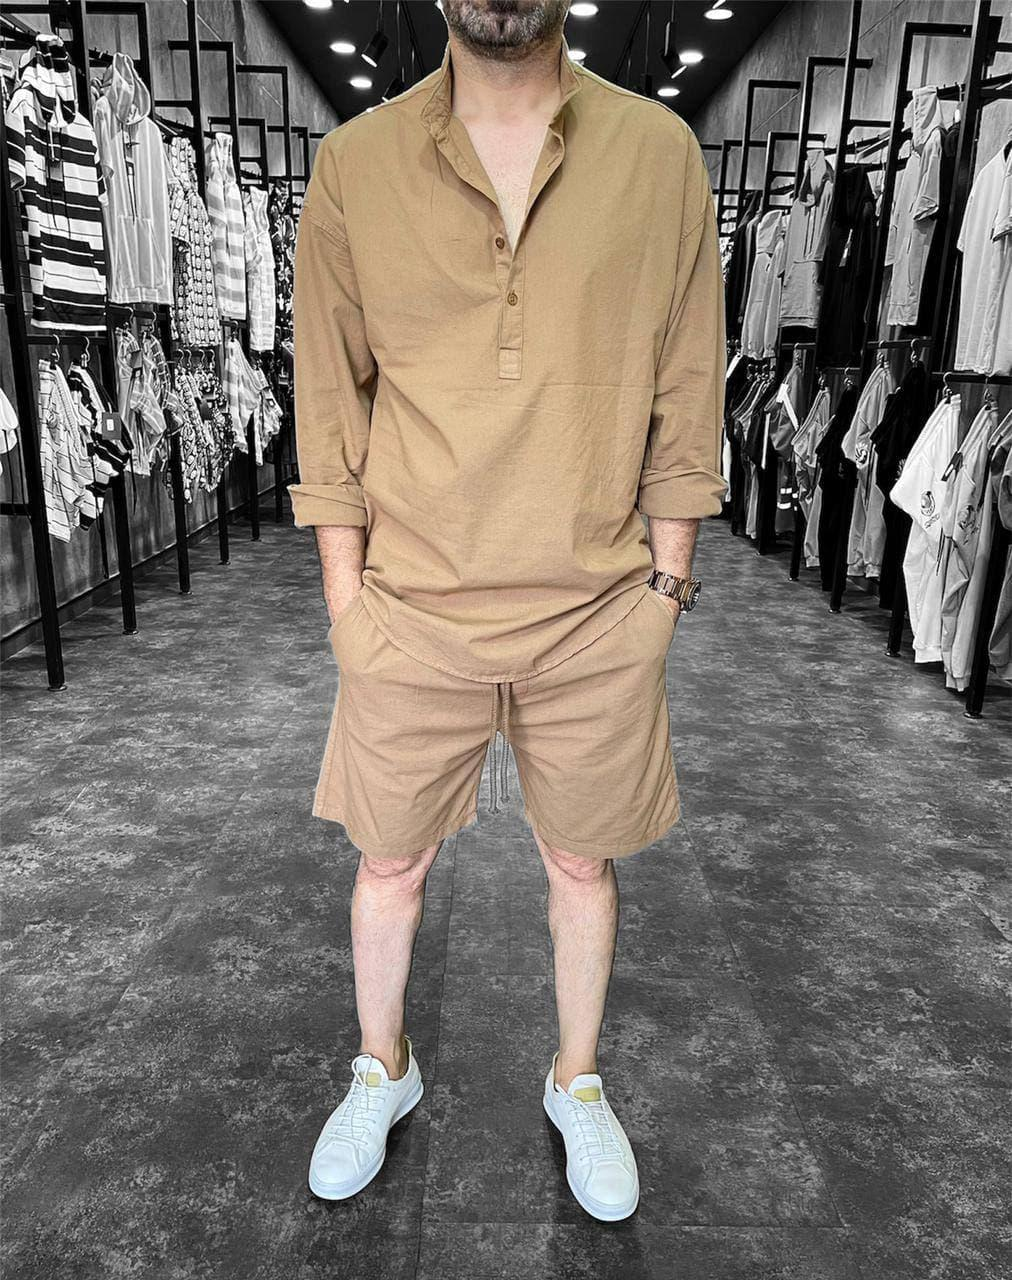 Чоловічий комплект шорти + сорочка (пісочний) з довгим рукавом на літо a9205